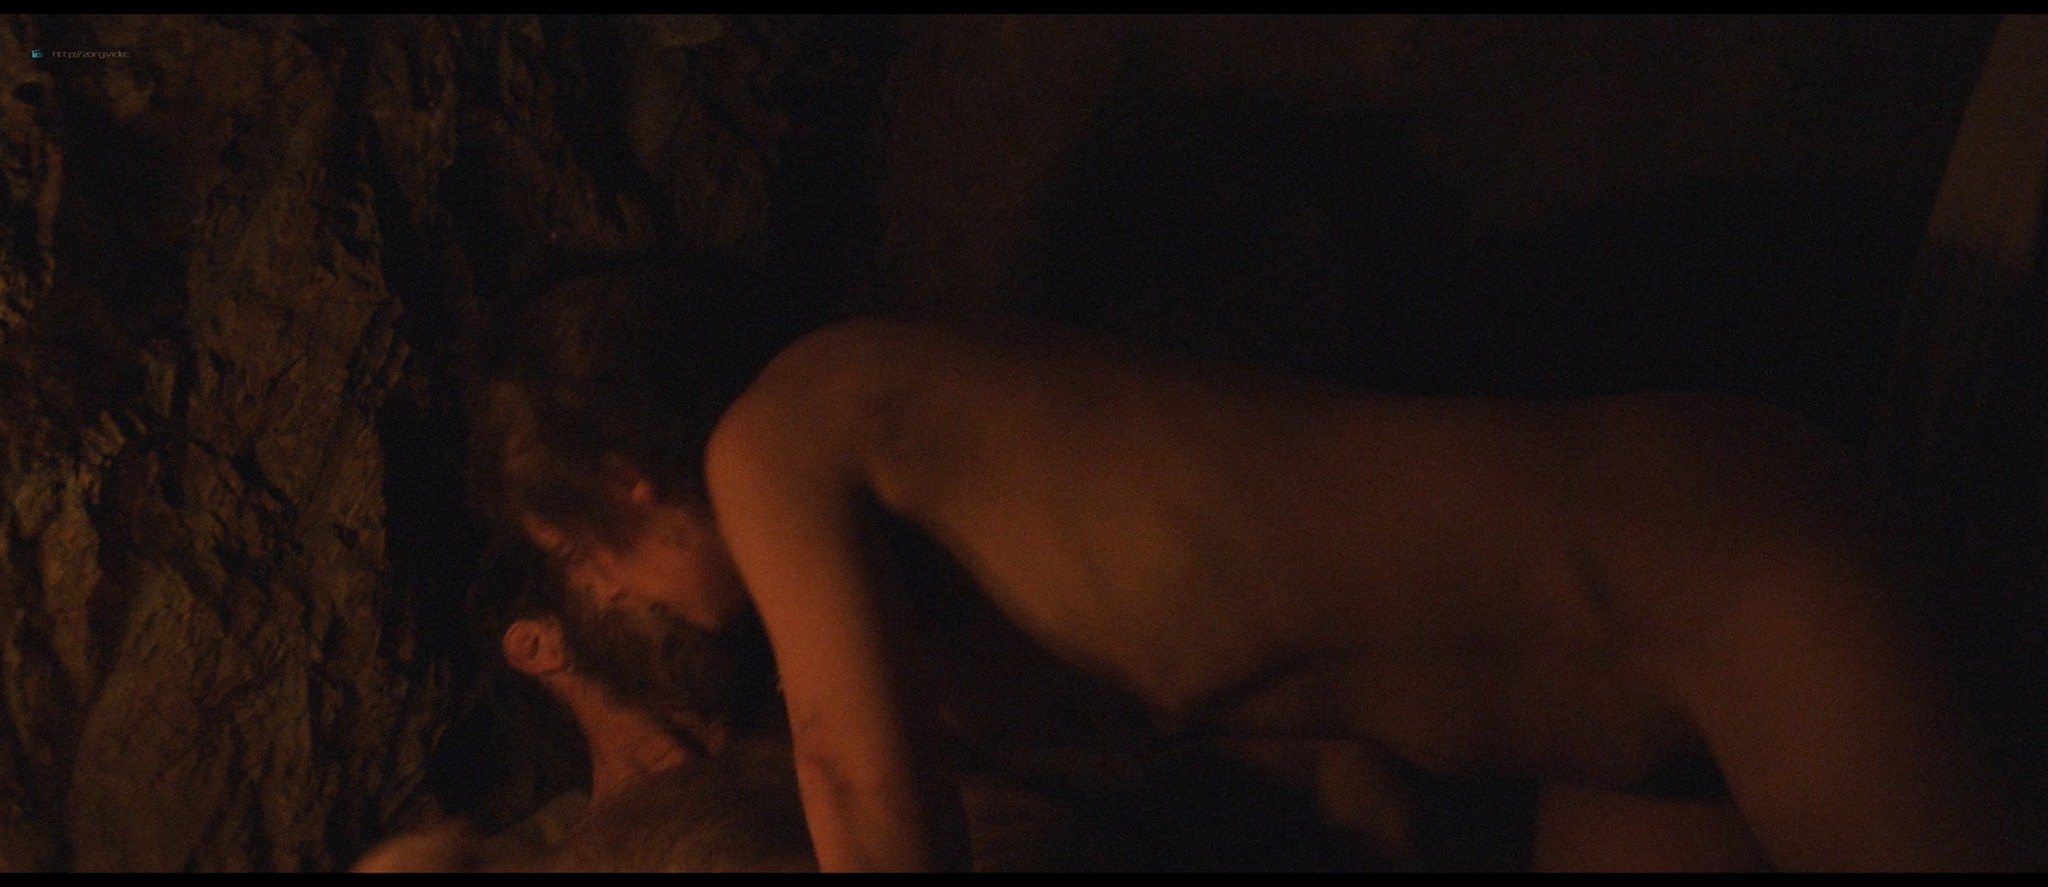 Belén Cuesta nude and sex - La trinchera infinita (ES-2019) HD 1080p Web (8)